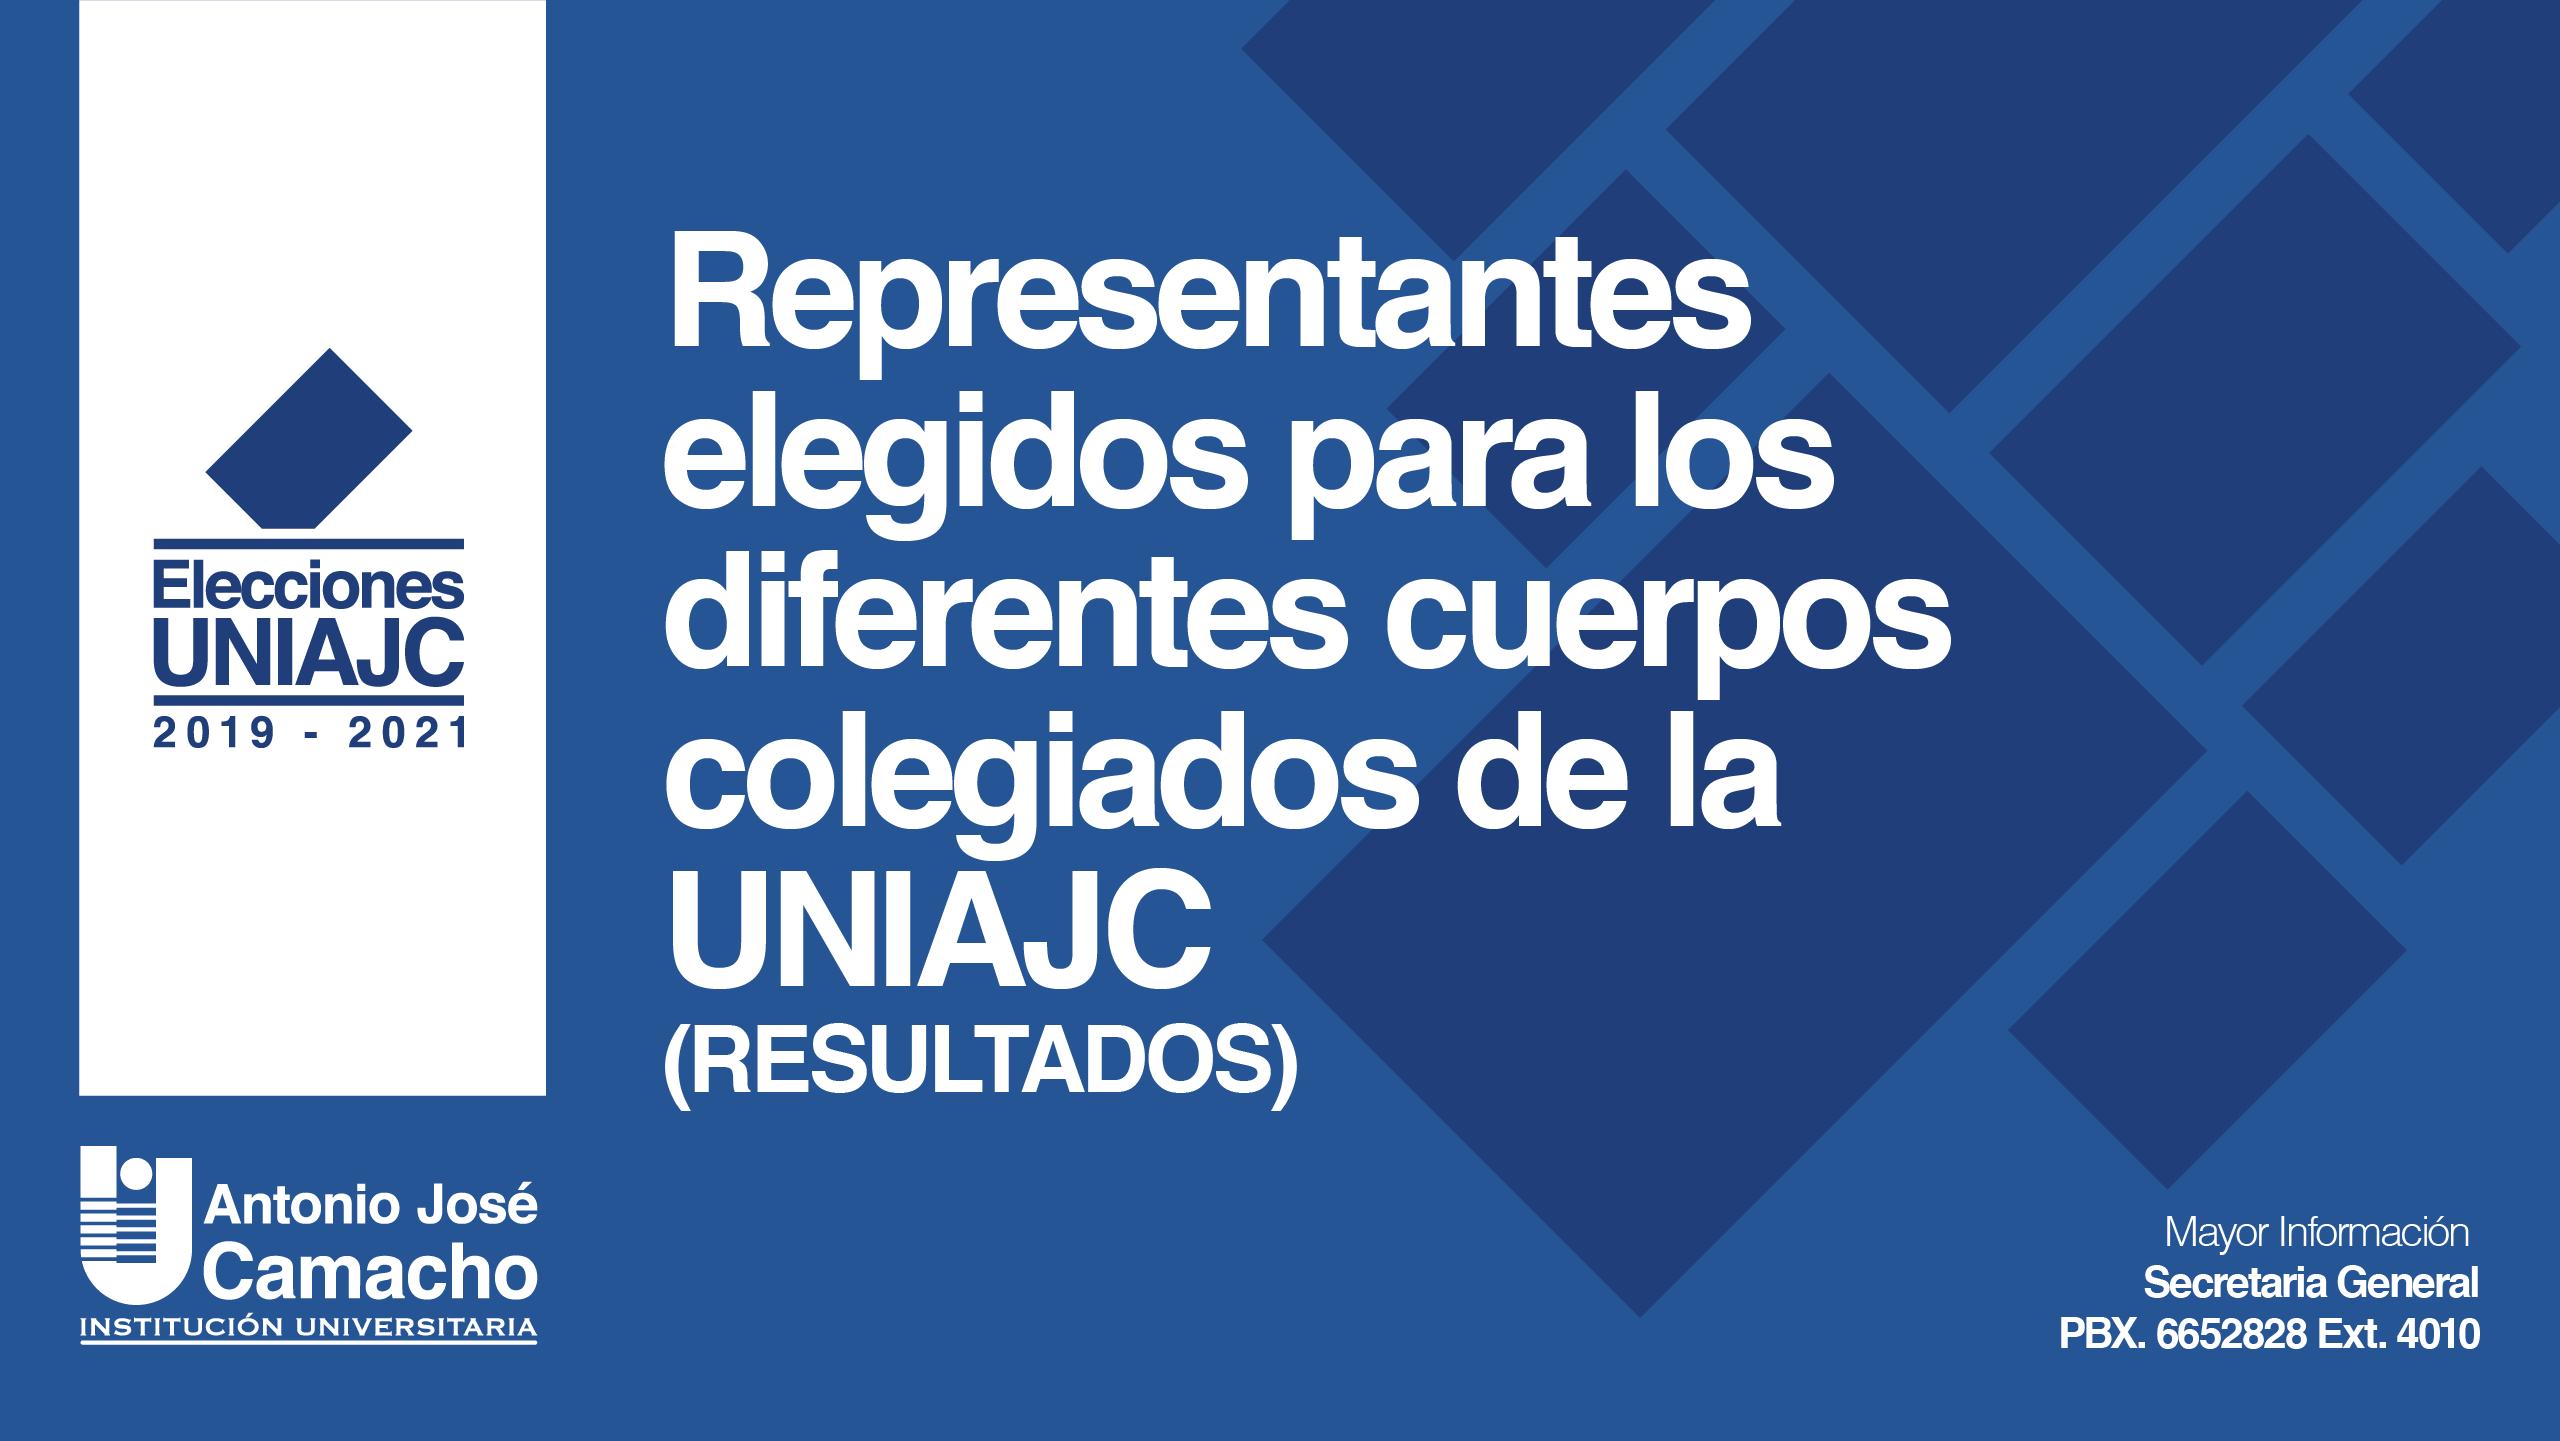 Resultados Elecciones UNIAJC 2019